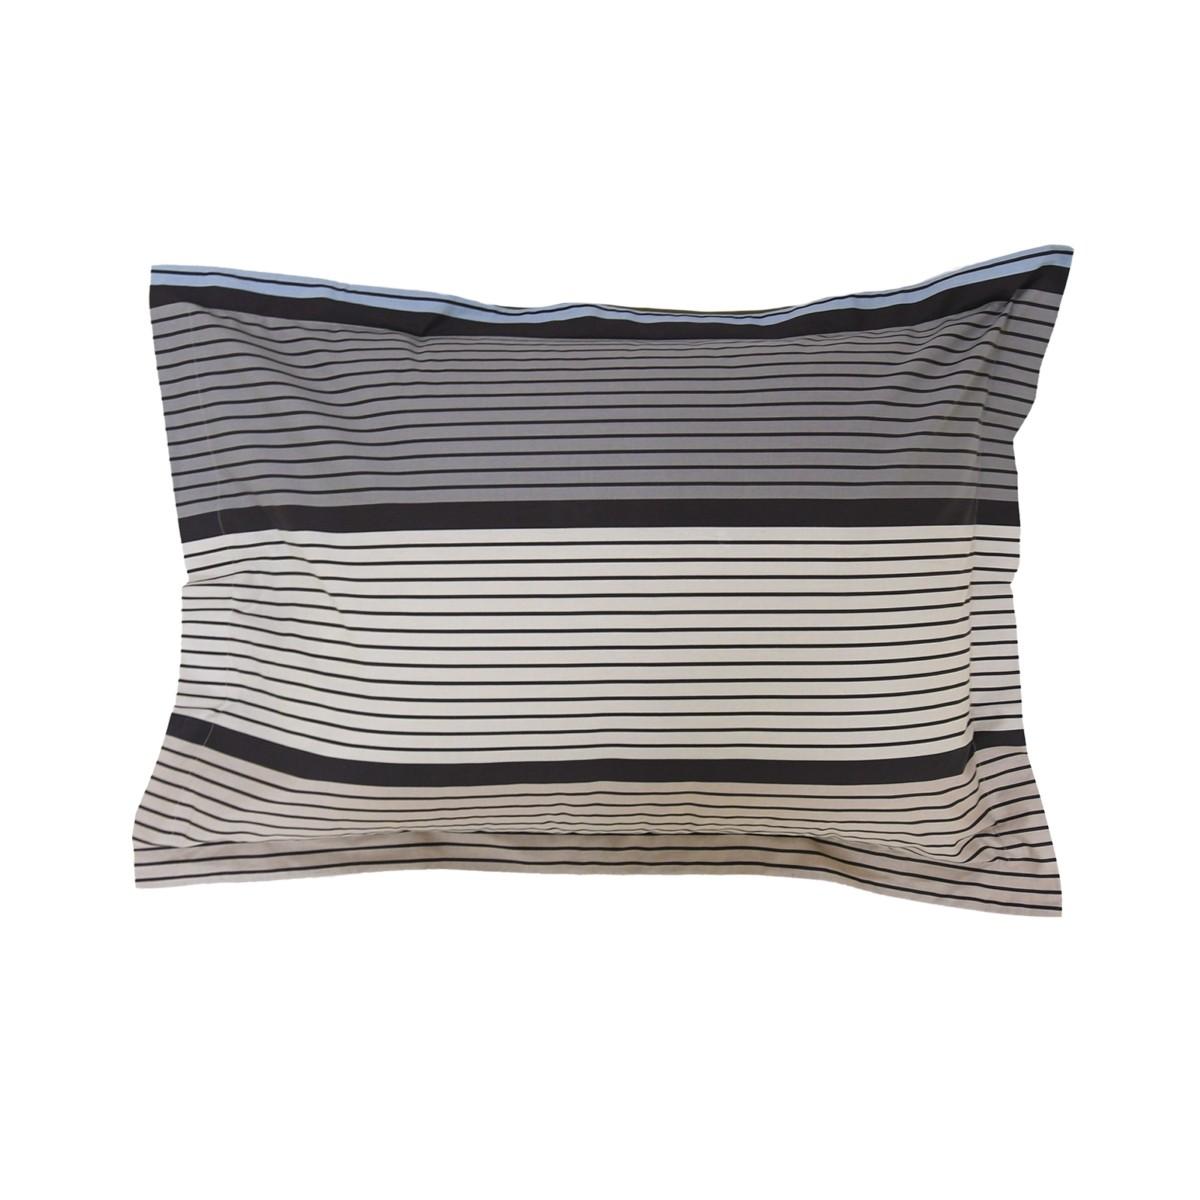 Pillowcase, ARROIOS